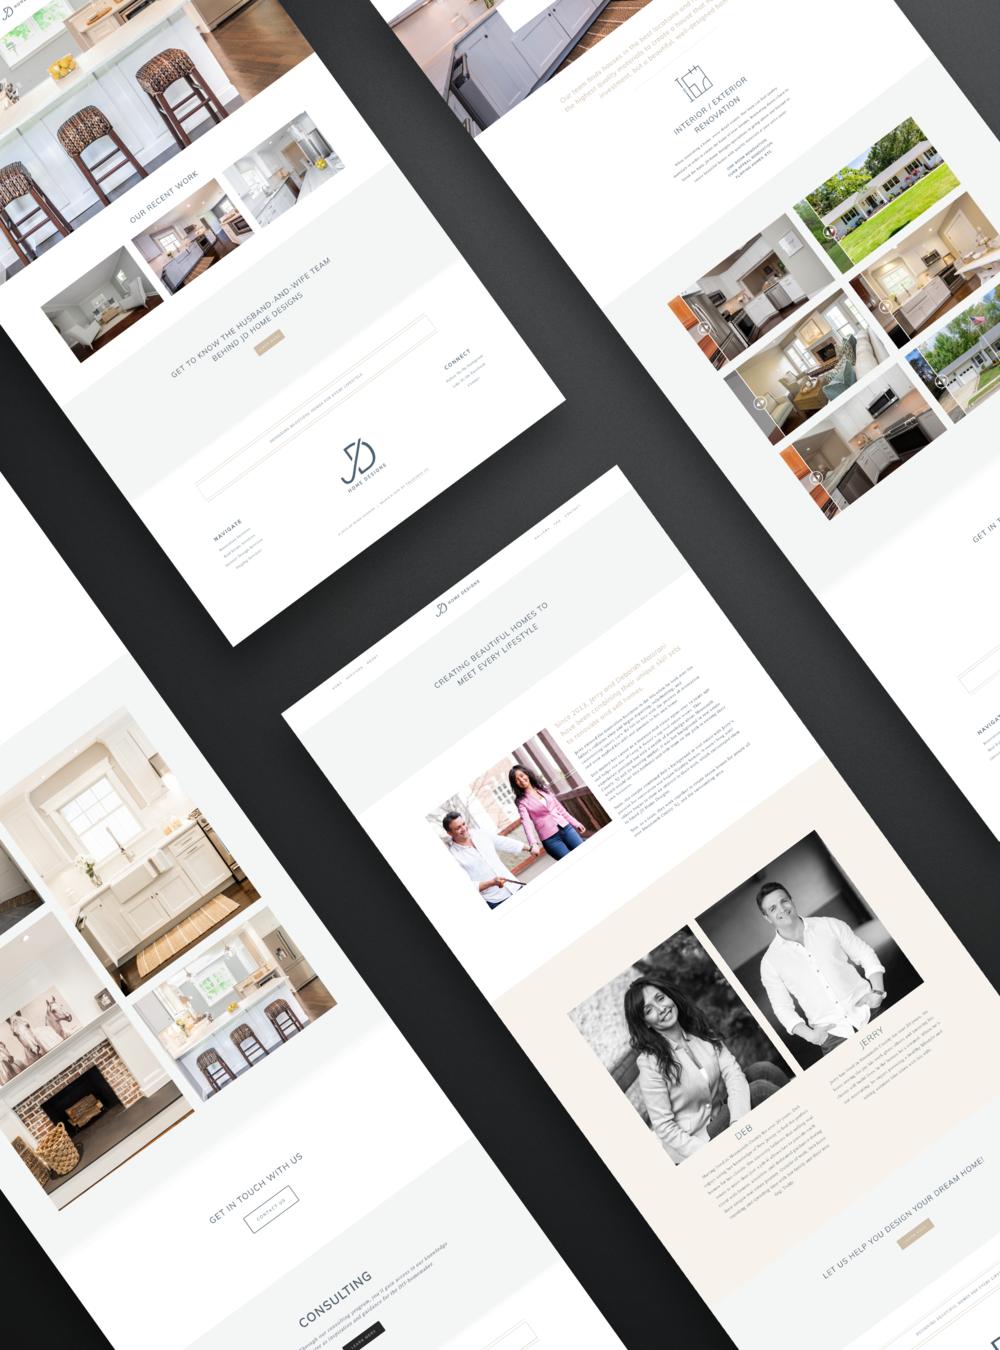 JD Home Designs Website Design.png